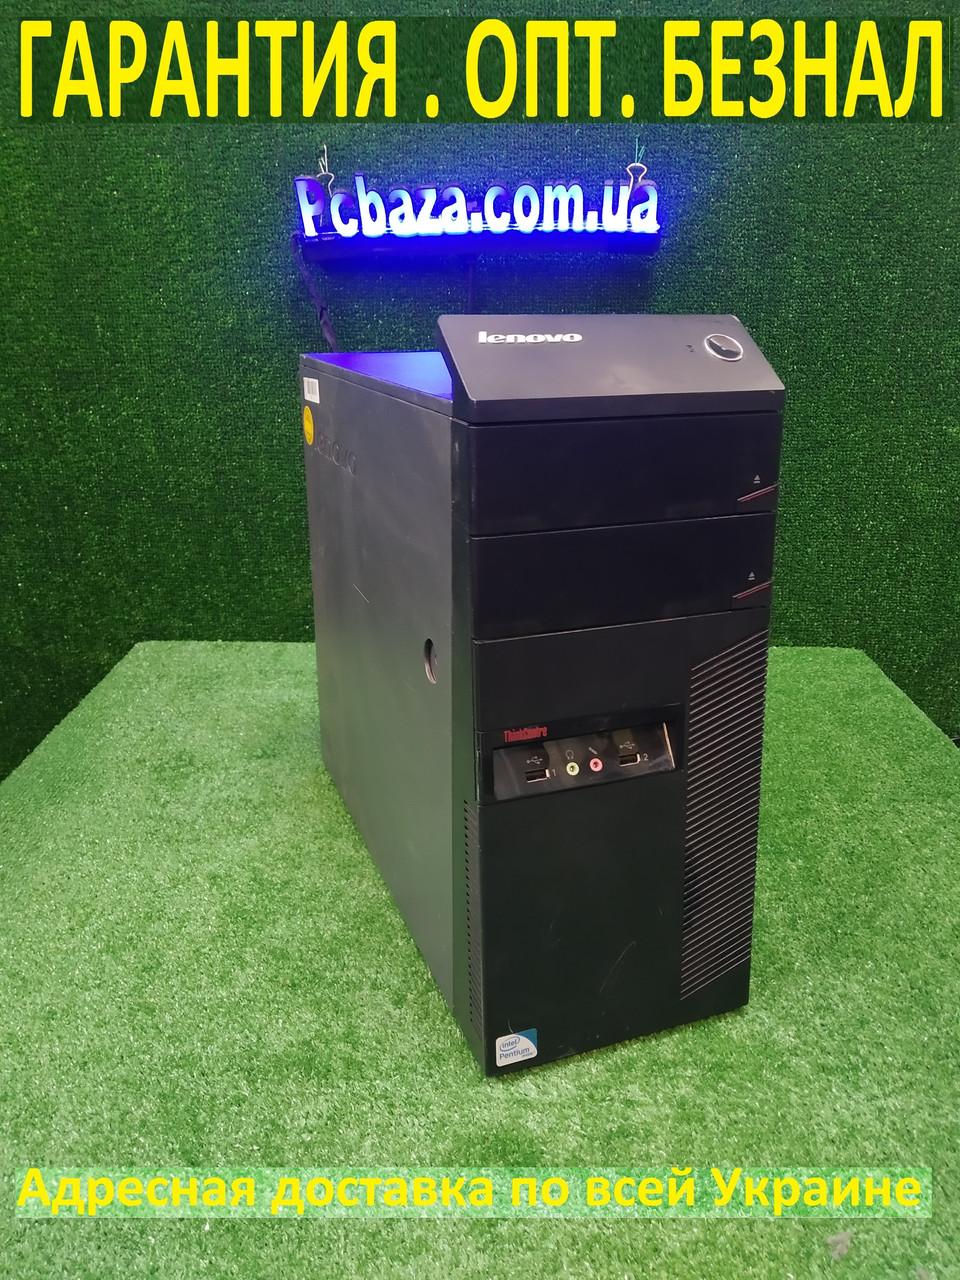 Потужний ігровий Lenovo a58 Intel 4 ядра 4GB RAM, 160 GB HDD, Quadro 2000, Налаштований і готовий до роботи!